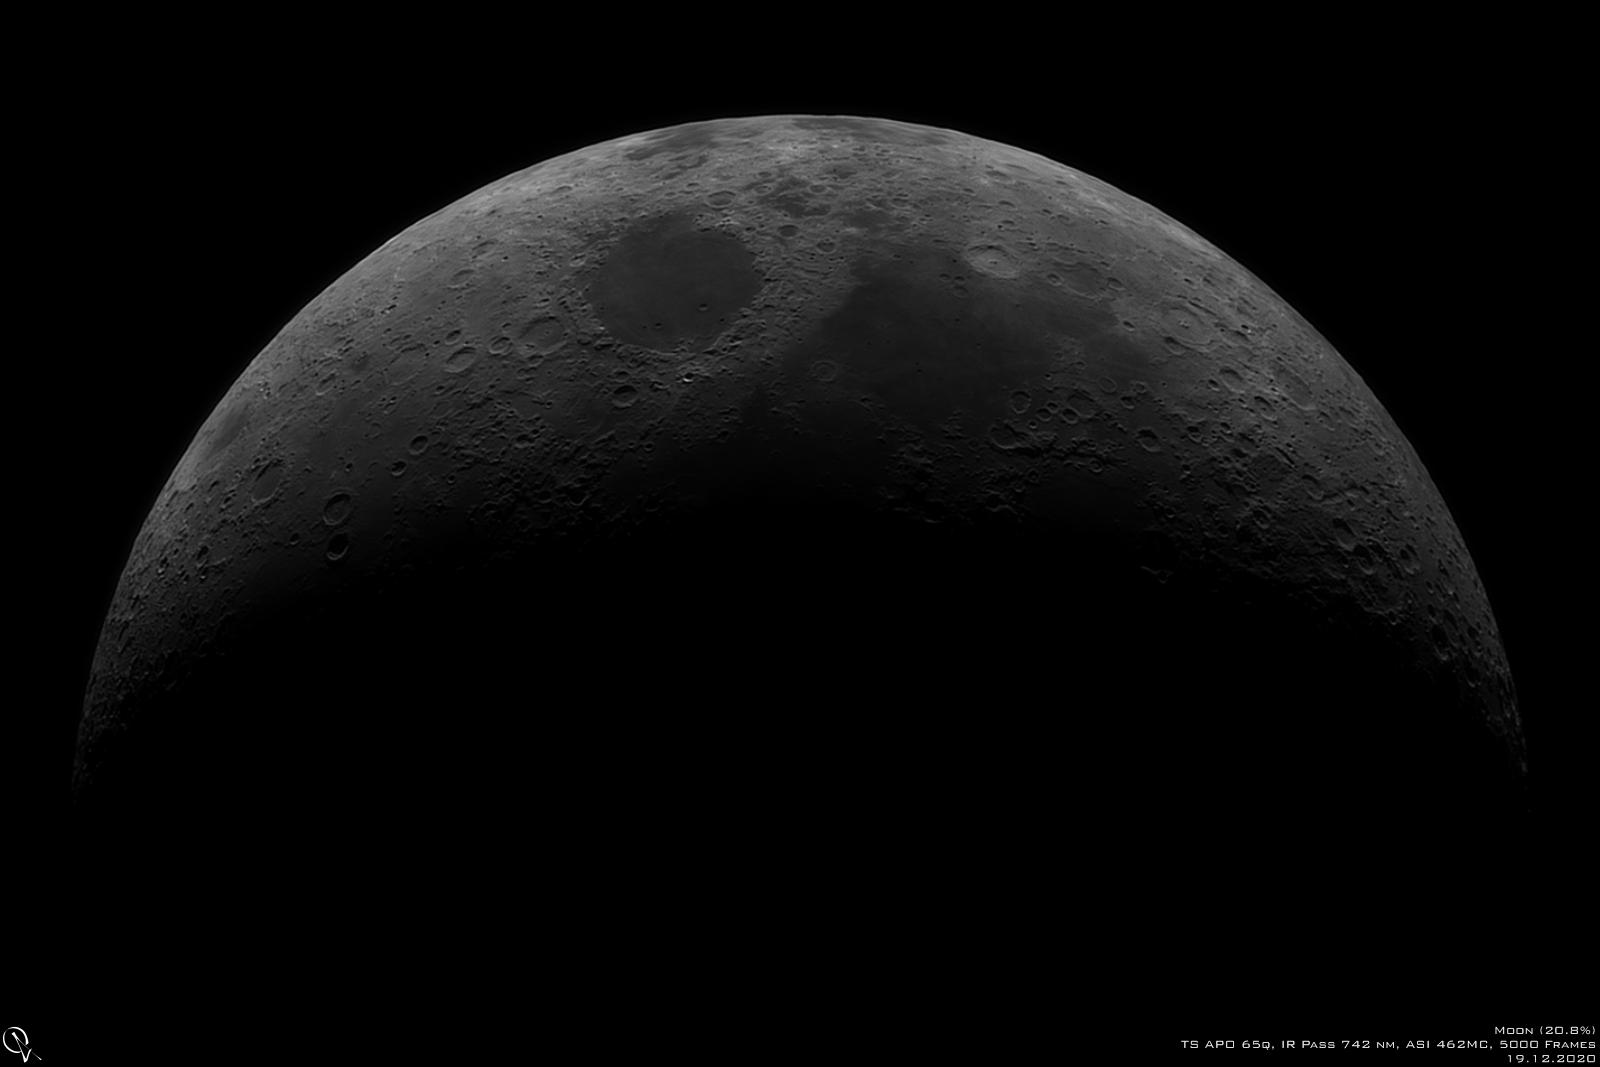 Moon_full_19_11_2020.png.0b49fdab18e30c9d7c64bf1101b115a8.png